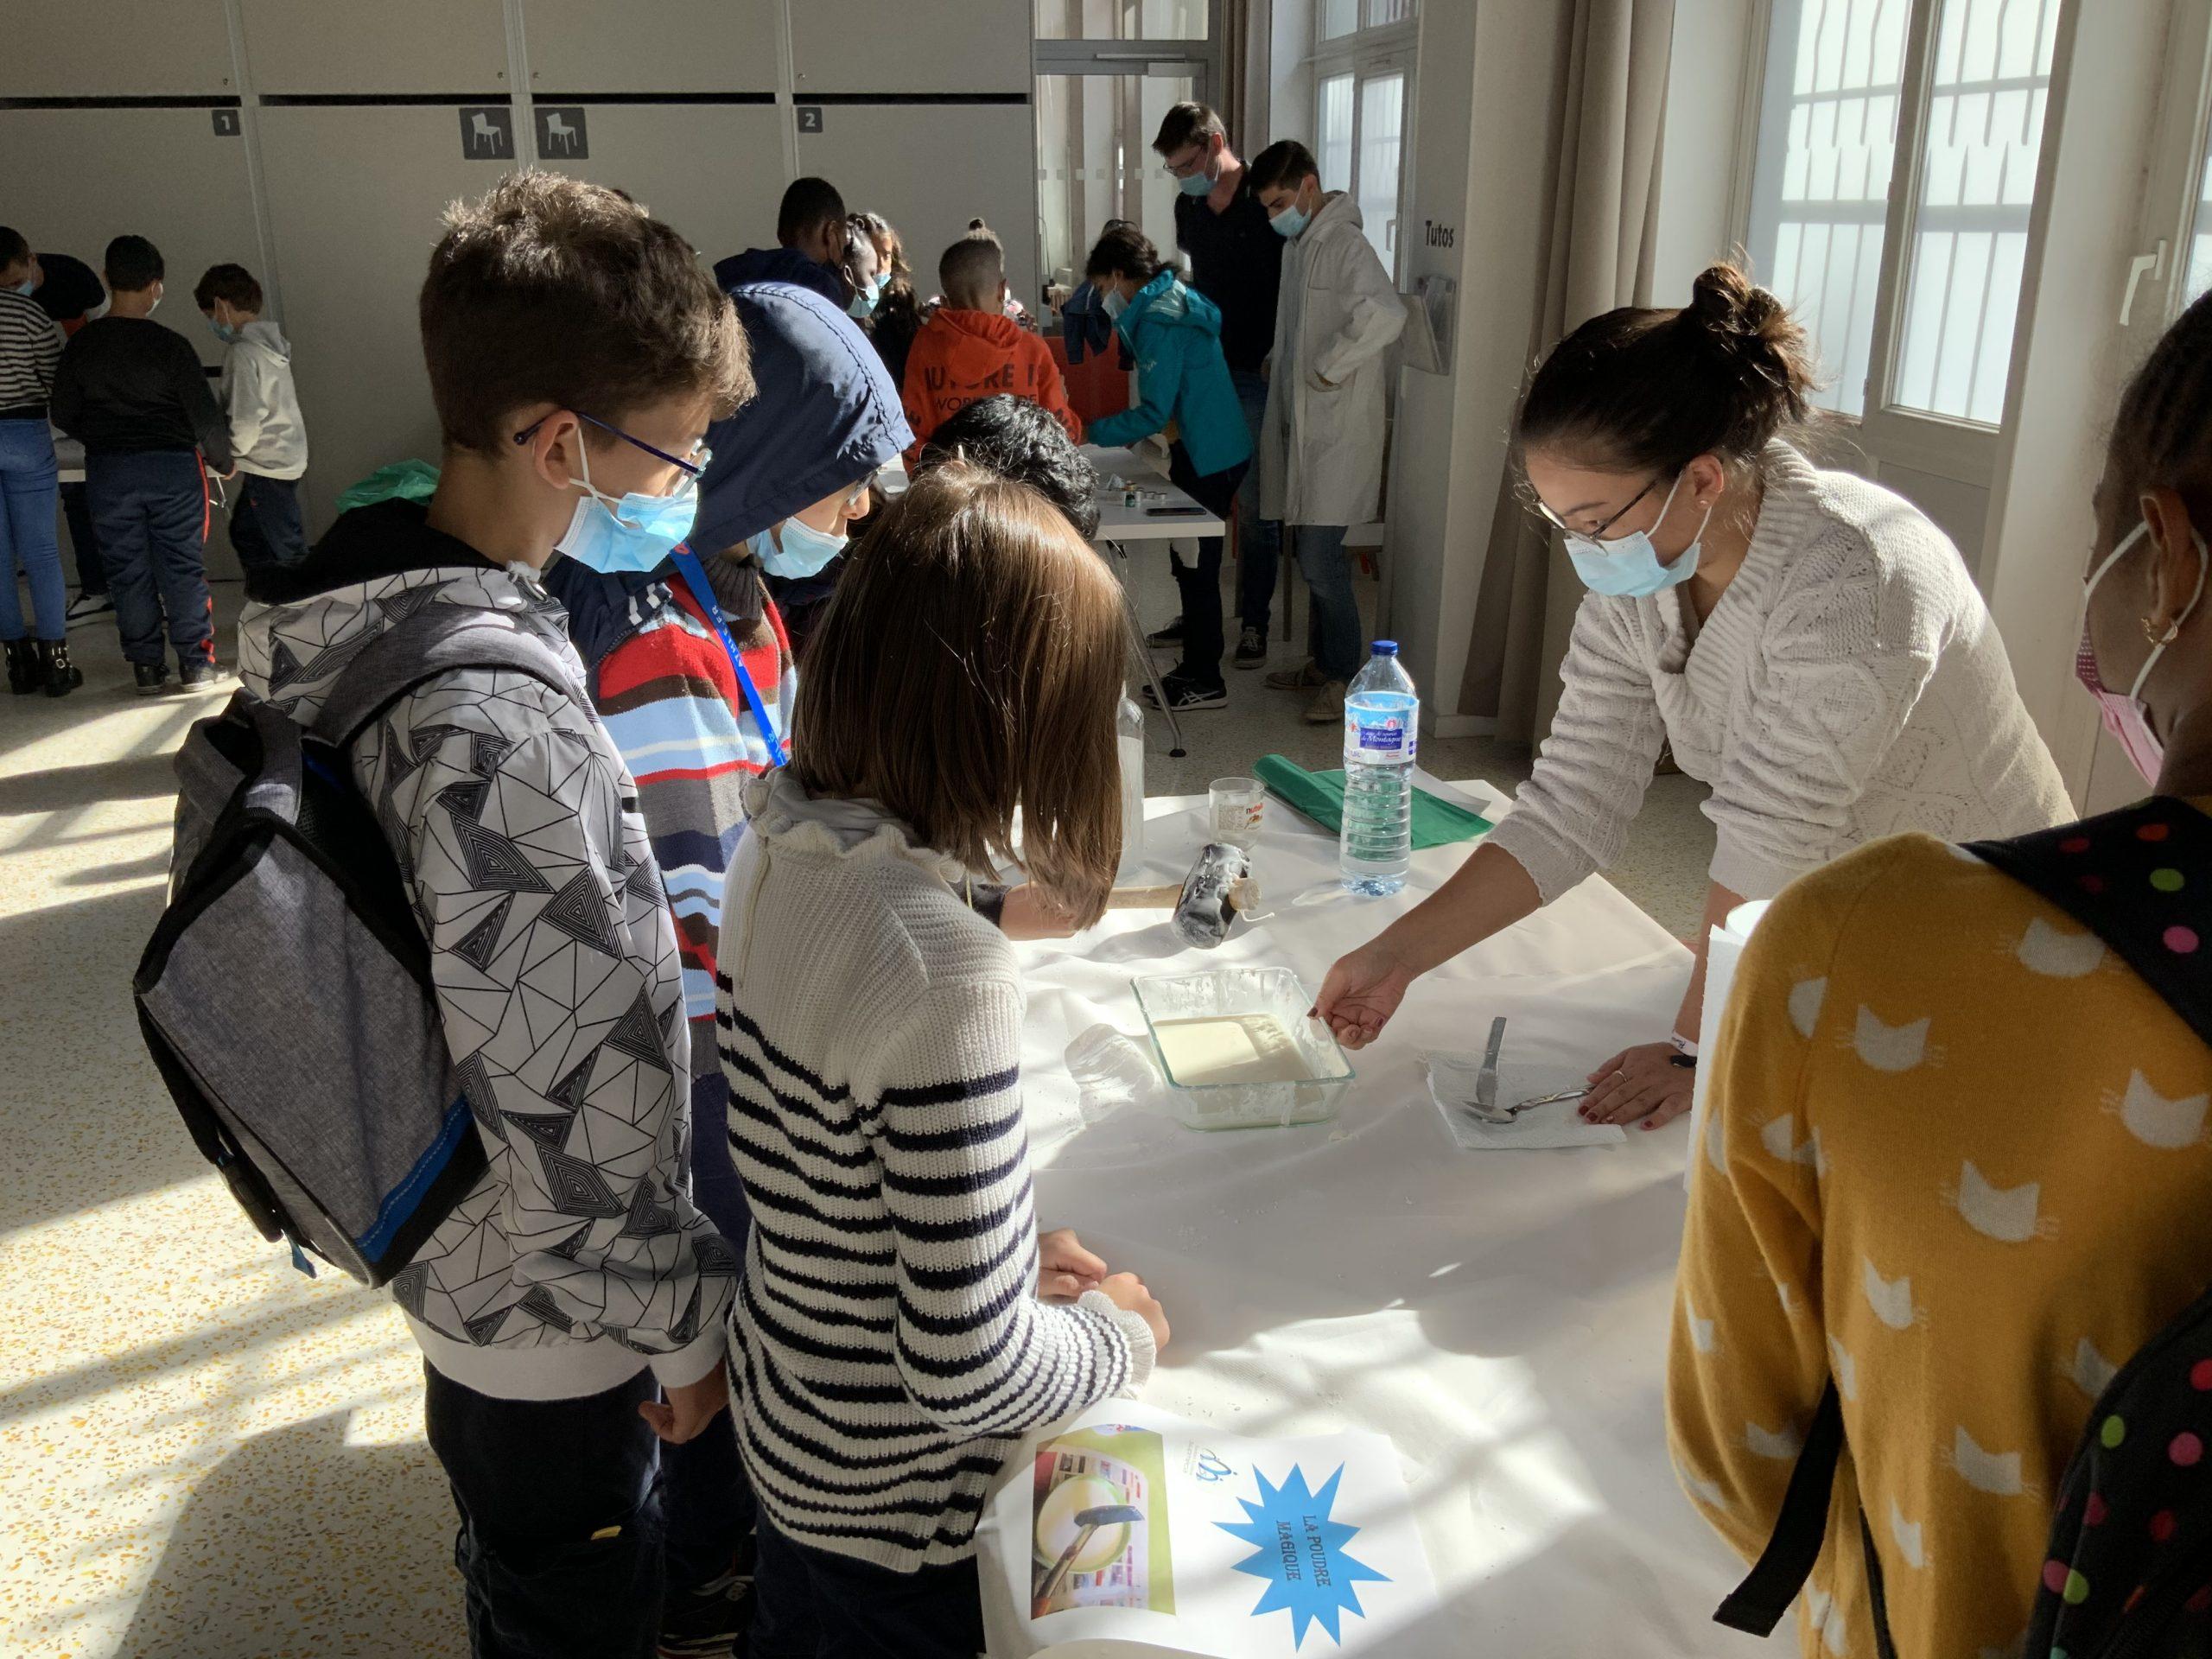 Atelier de chimie avec des enfants à l'occasion de la fête de la science